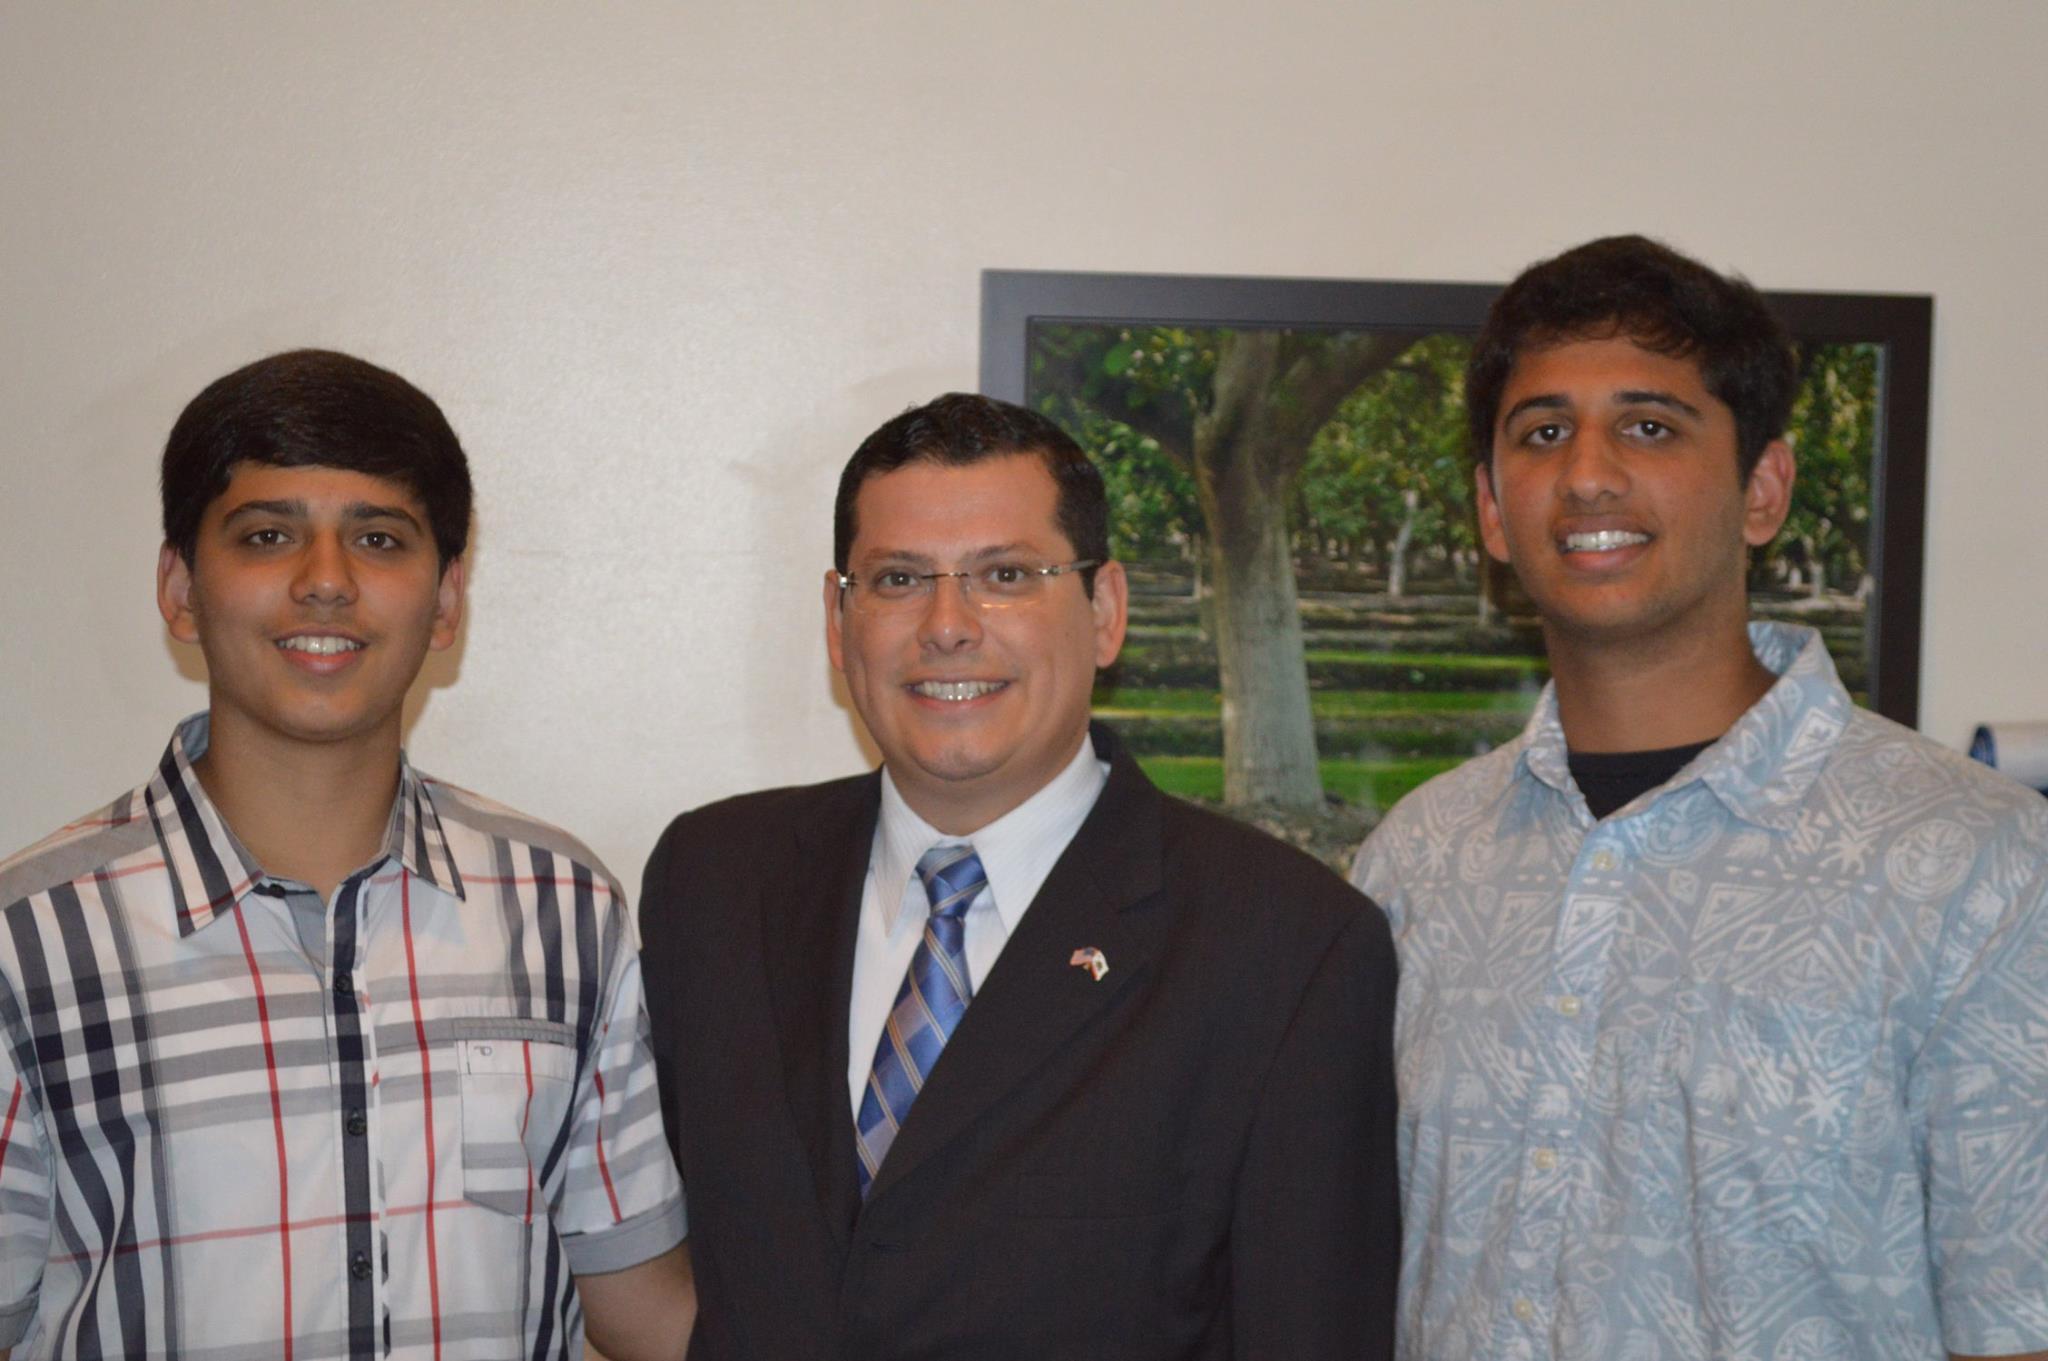 Brothers Arijeet and Rajvarun Grewal, Hanford California